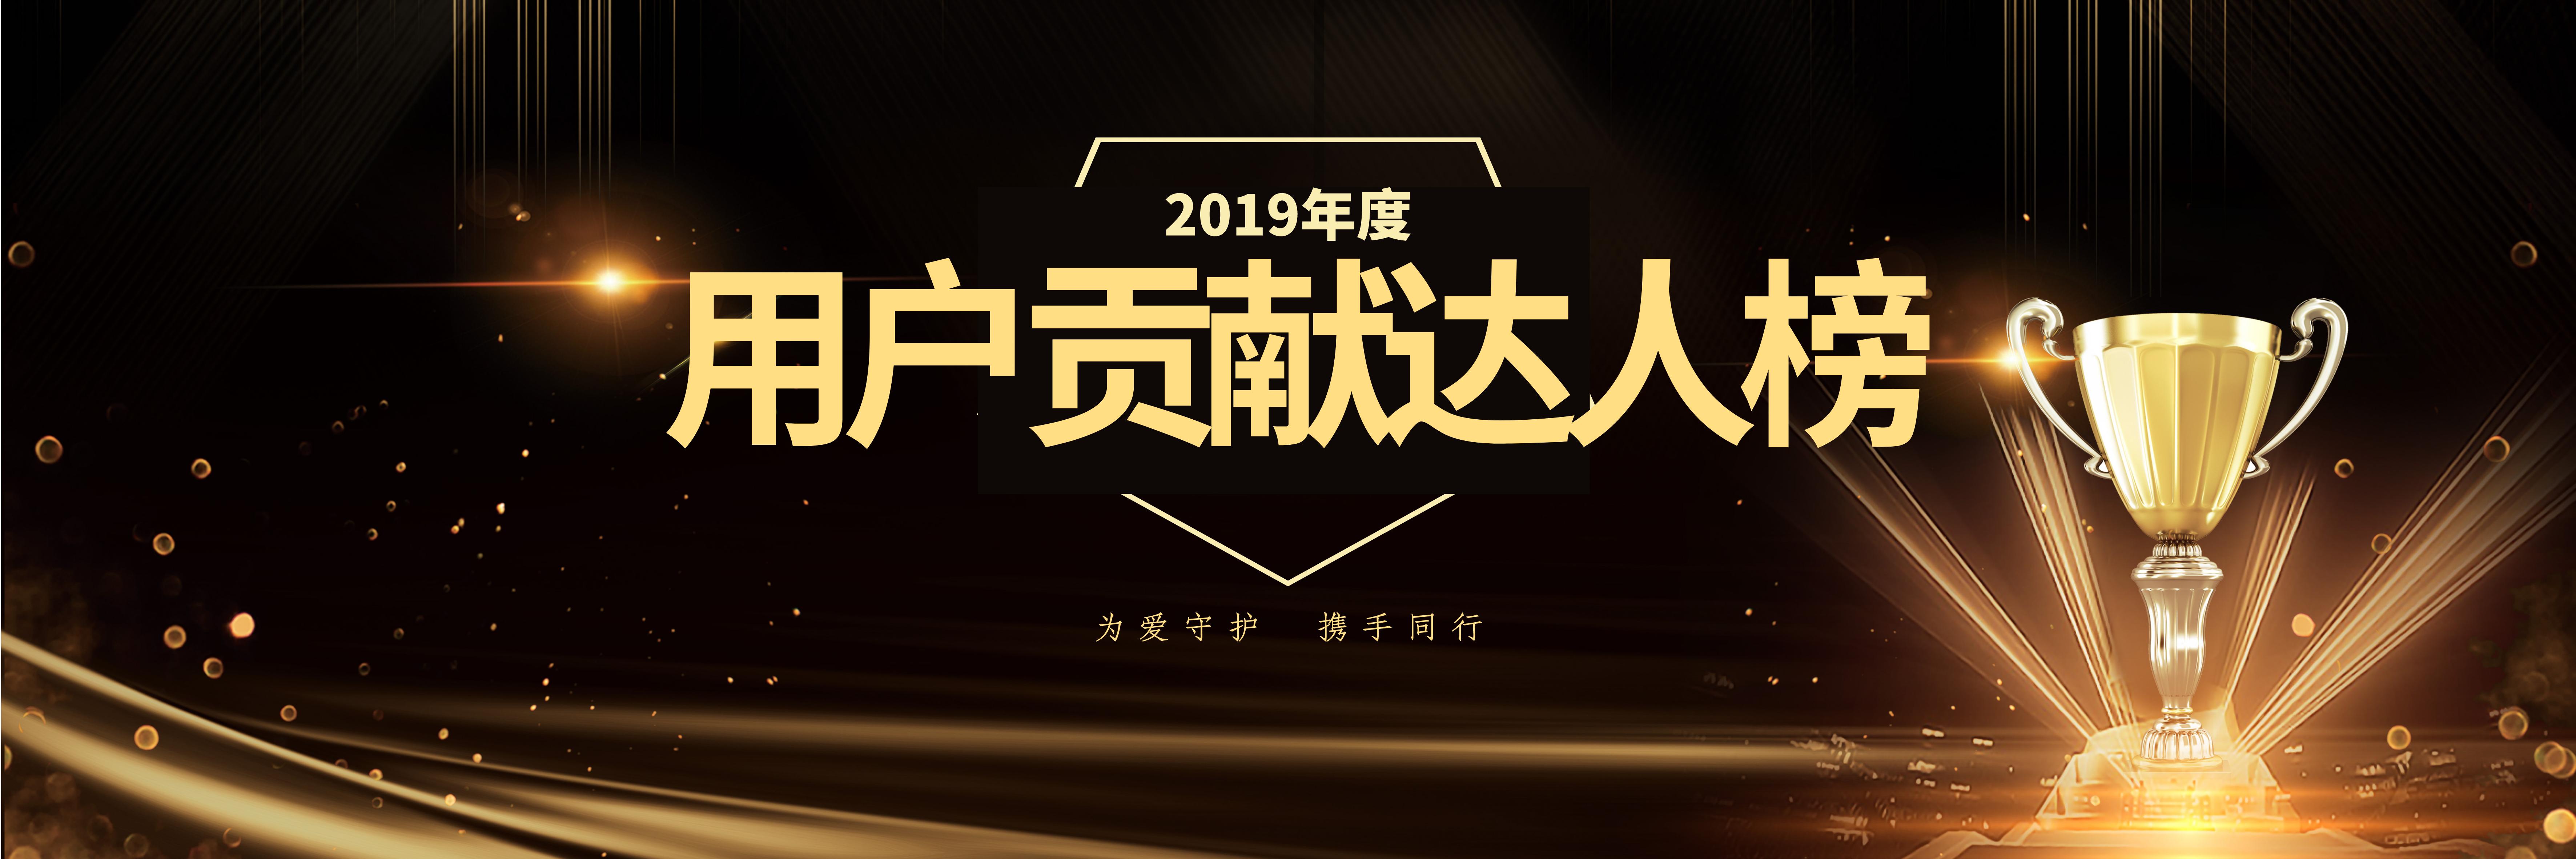 2019年度用户贡献达人榜